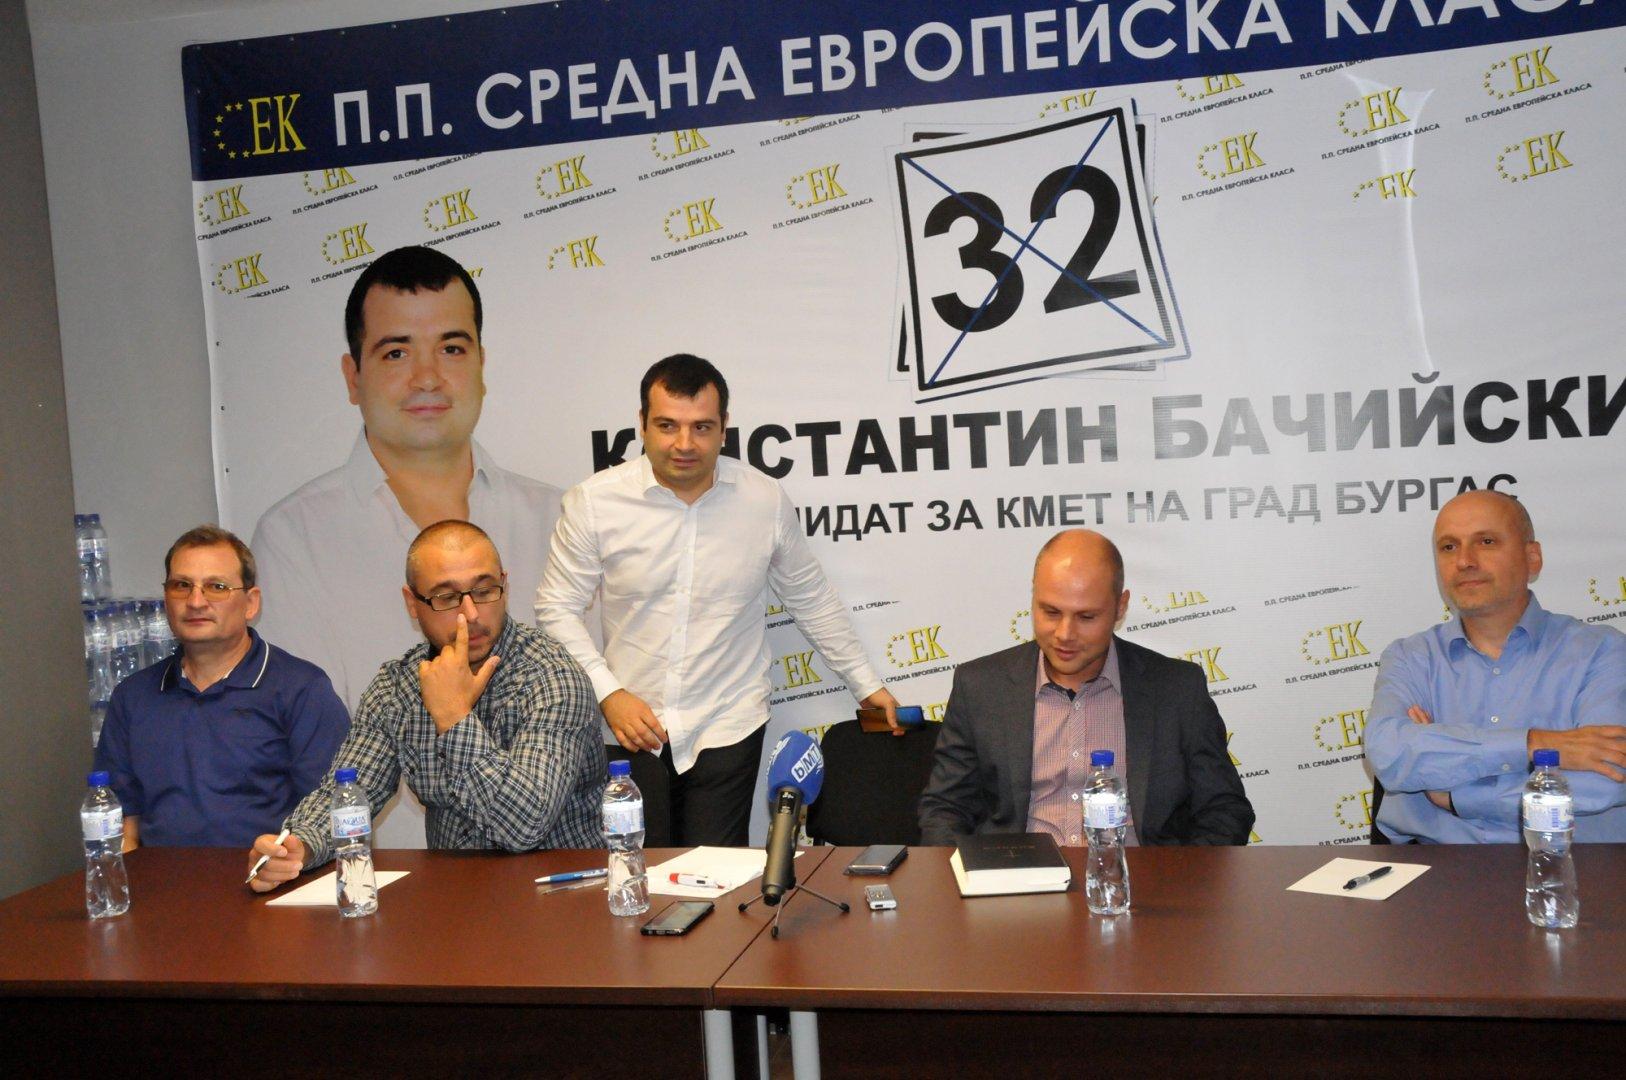 Кандидатите ни за съветници заслужават подкрепата на бургазлии, каза Константин Бачийски (в средата). Снимка Лина Главинова